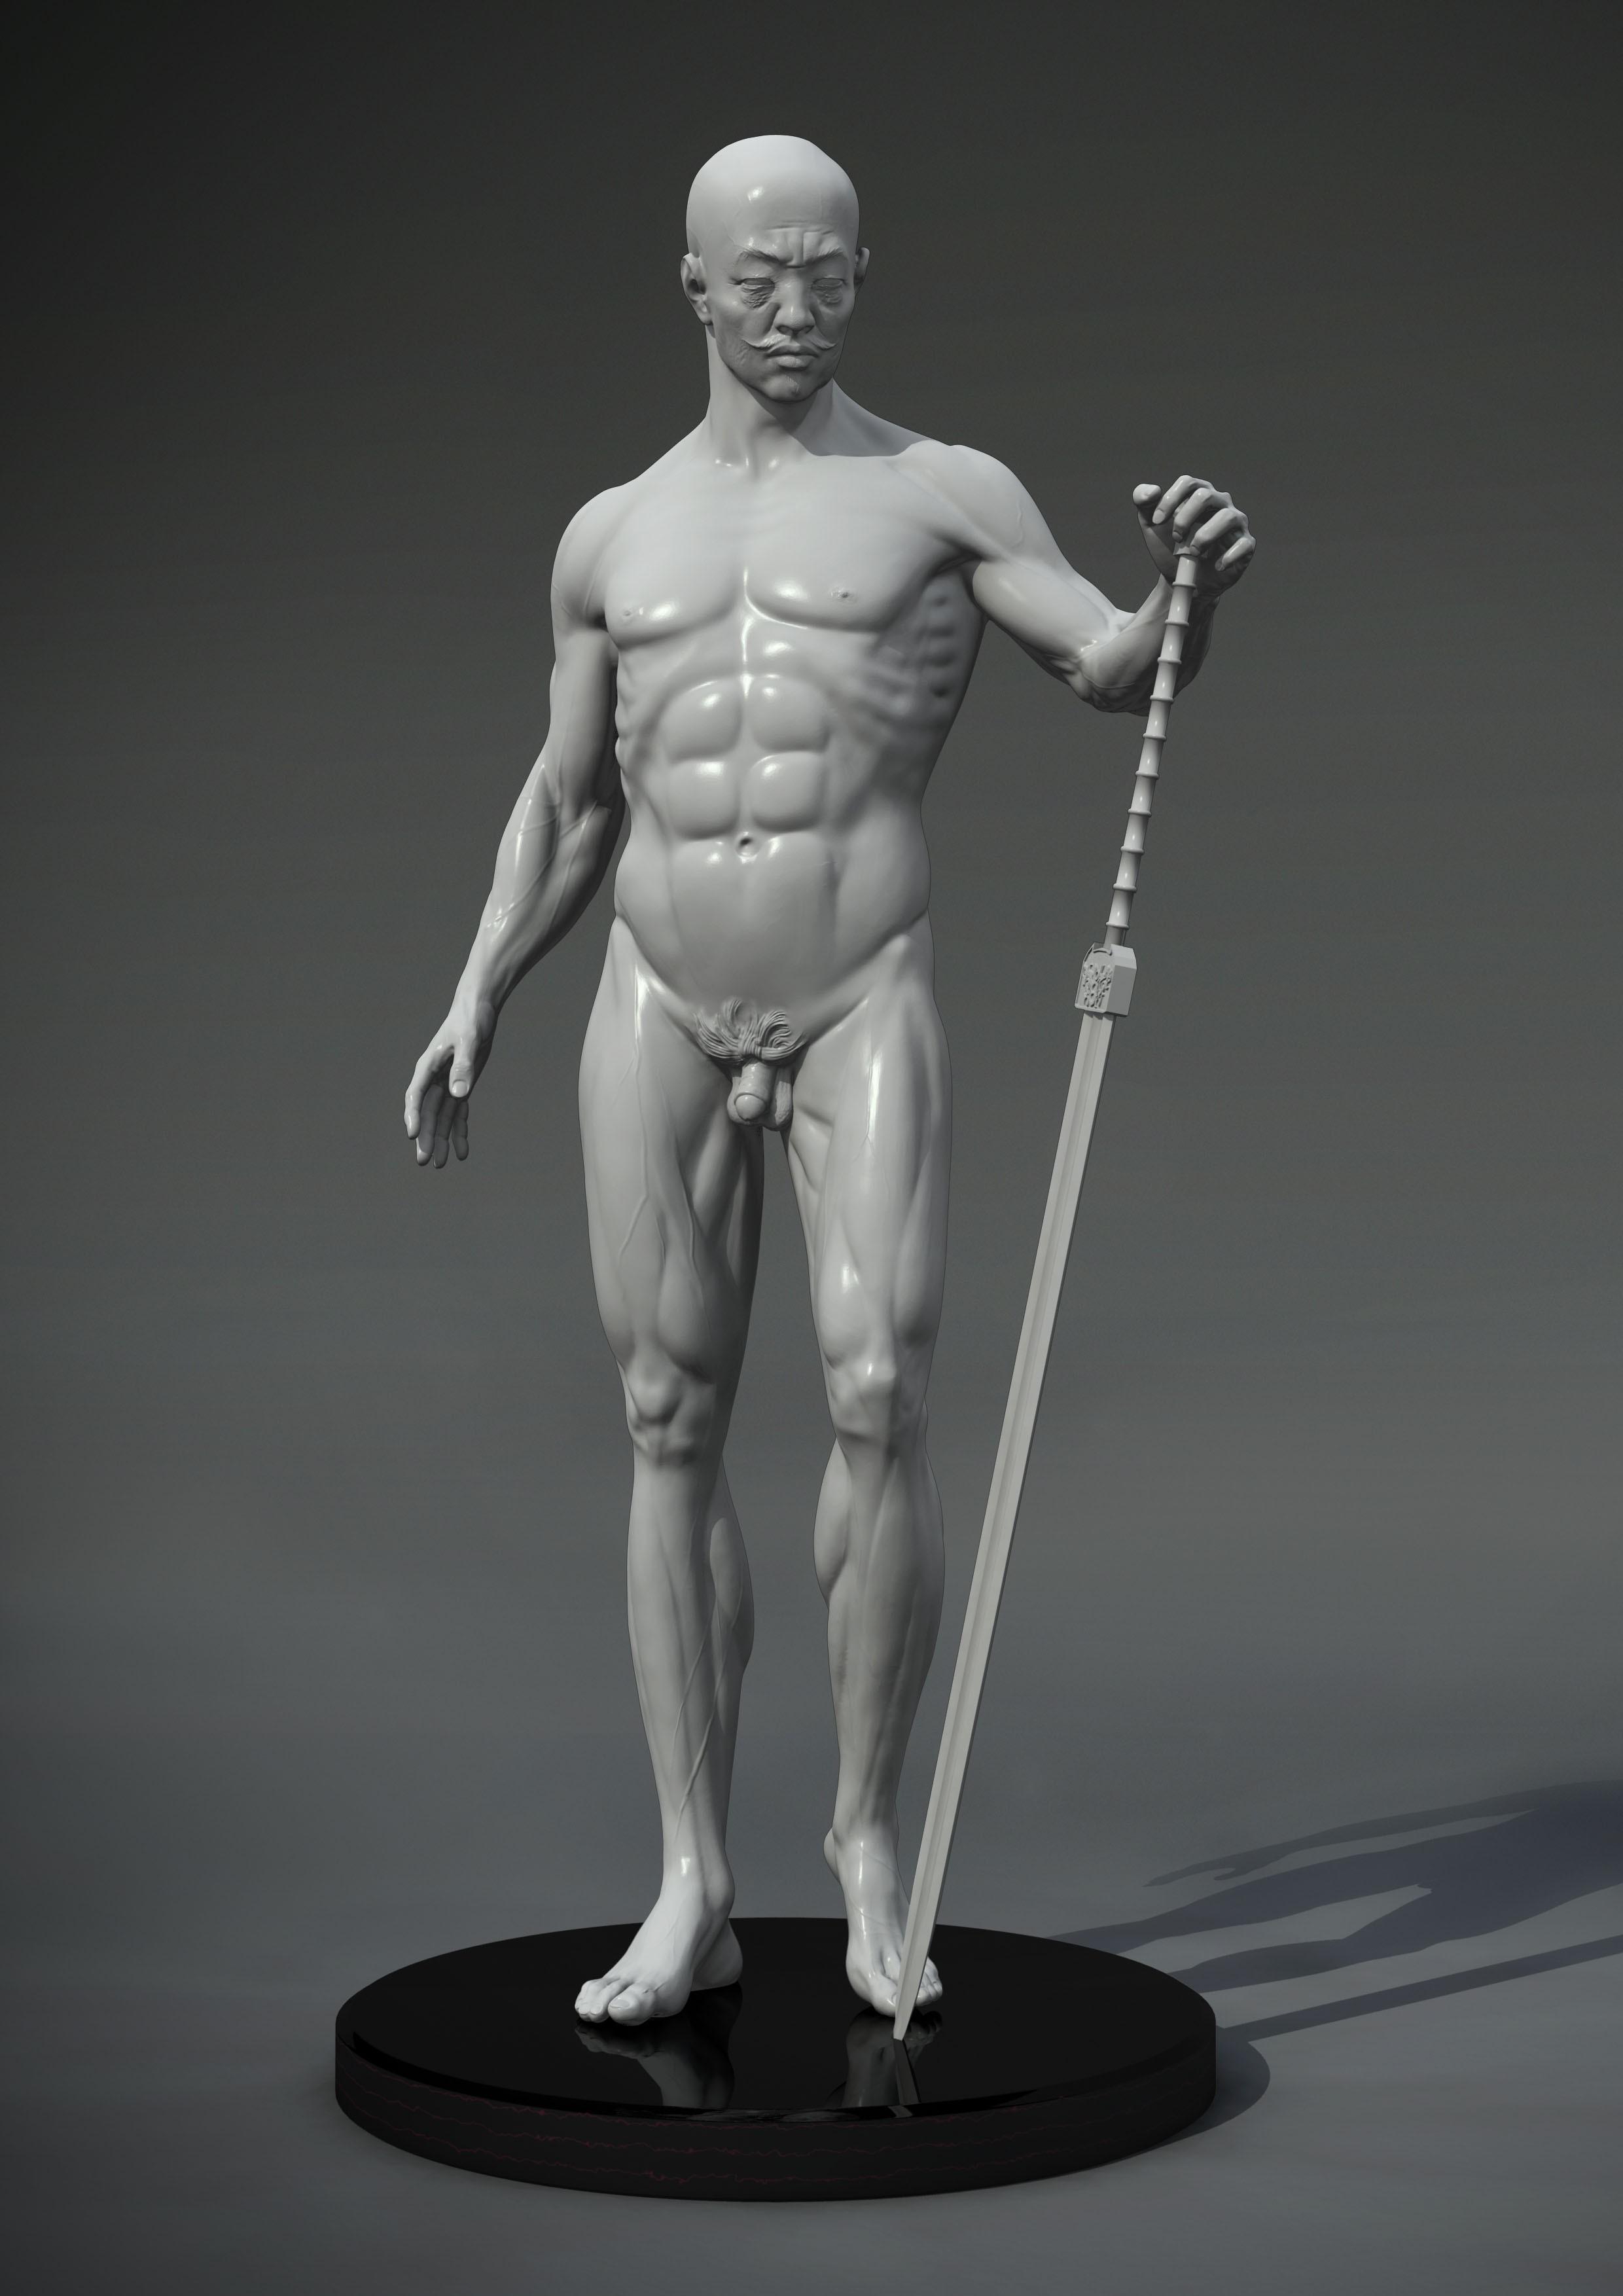 高清简单雕像头部正面图片